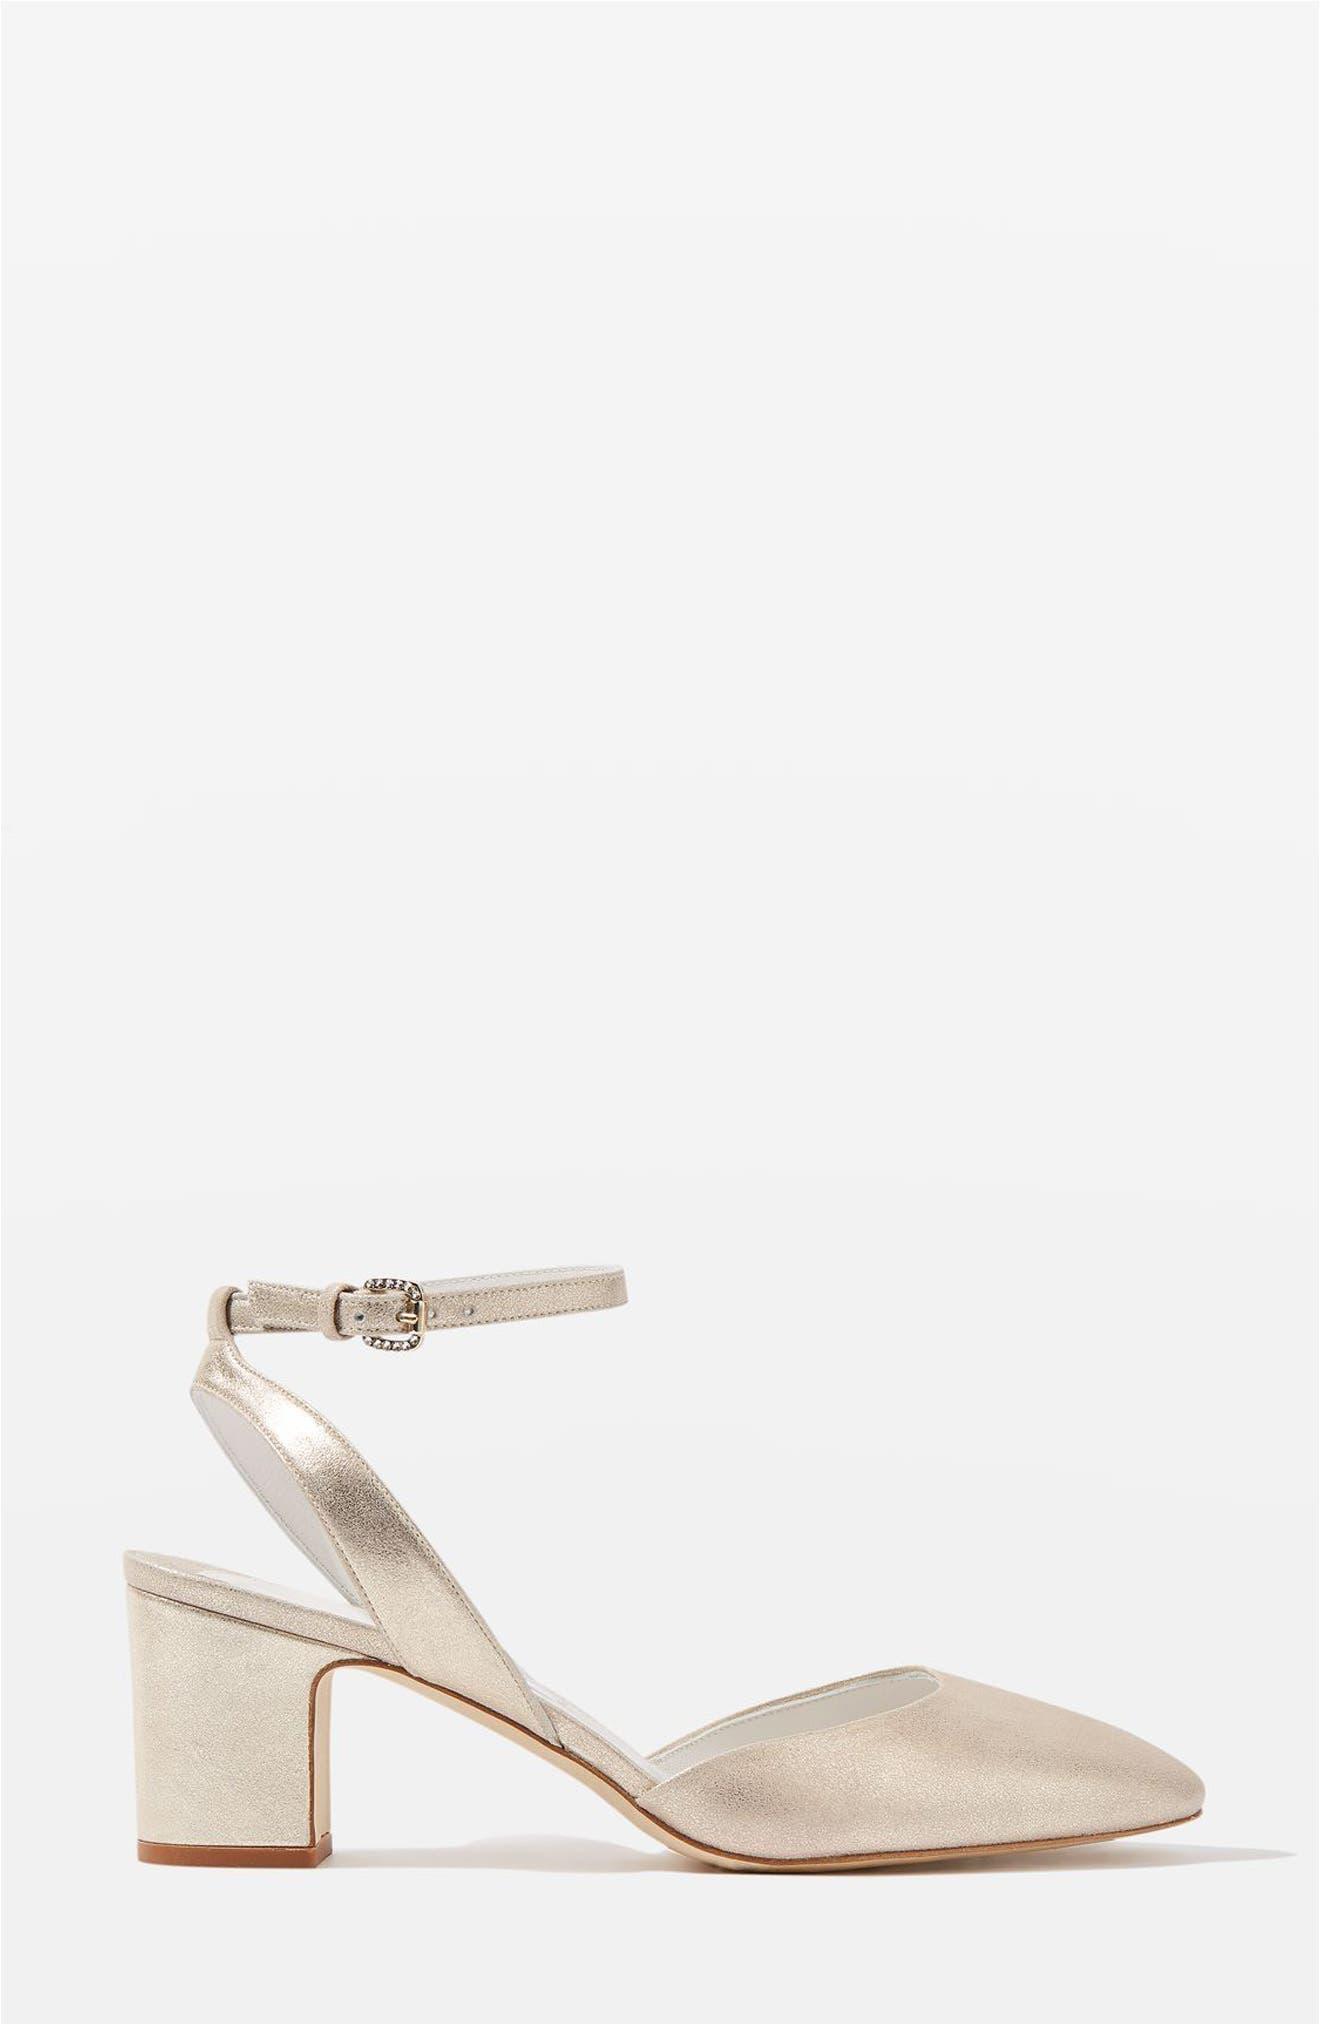 Topshop Bride Beryl Ankle Strap Pumps (Women)